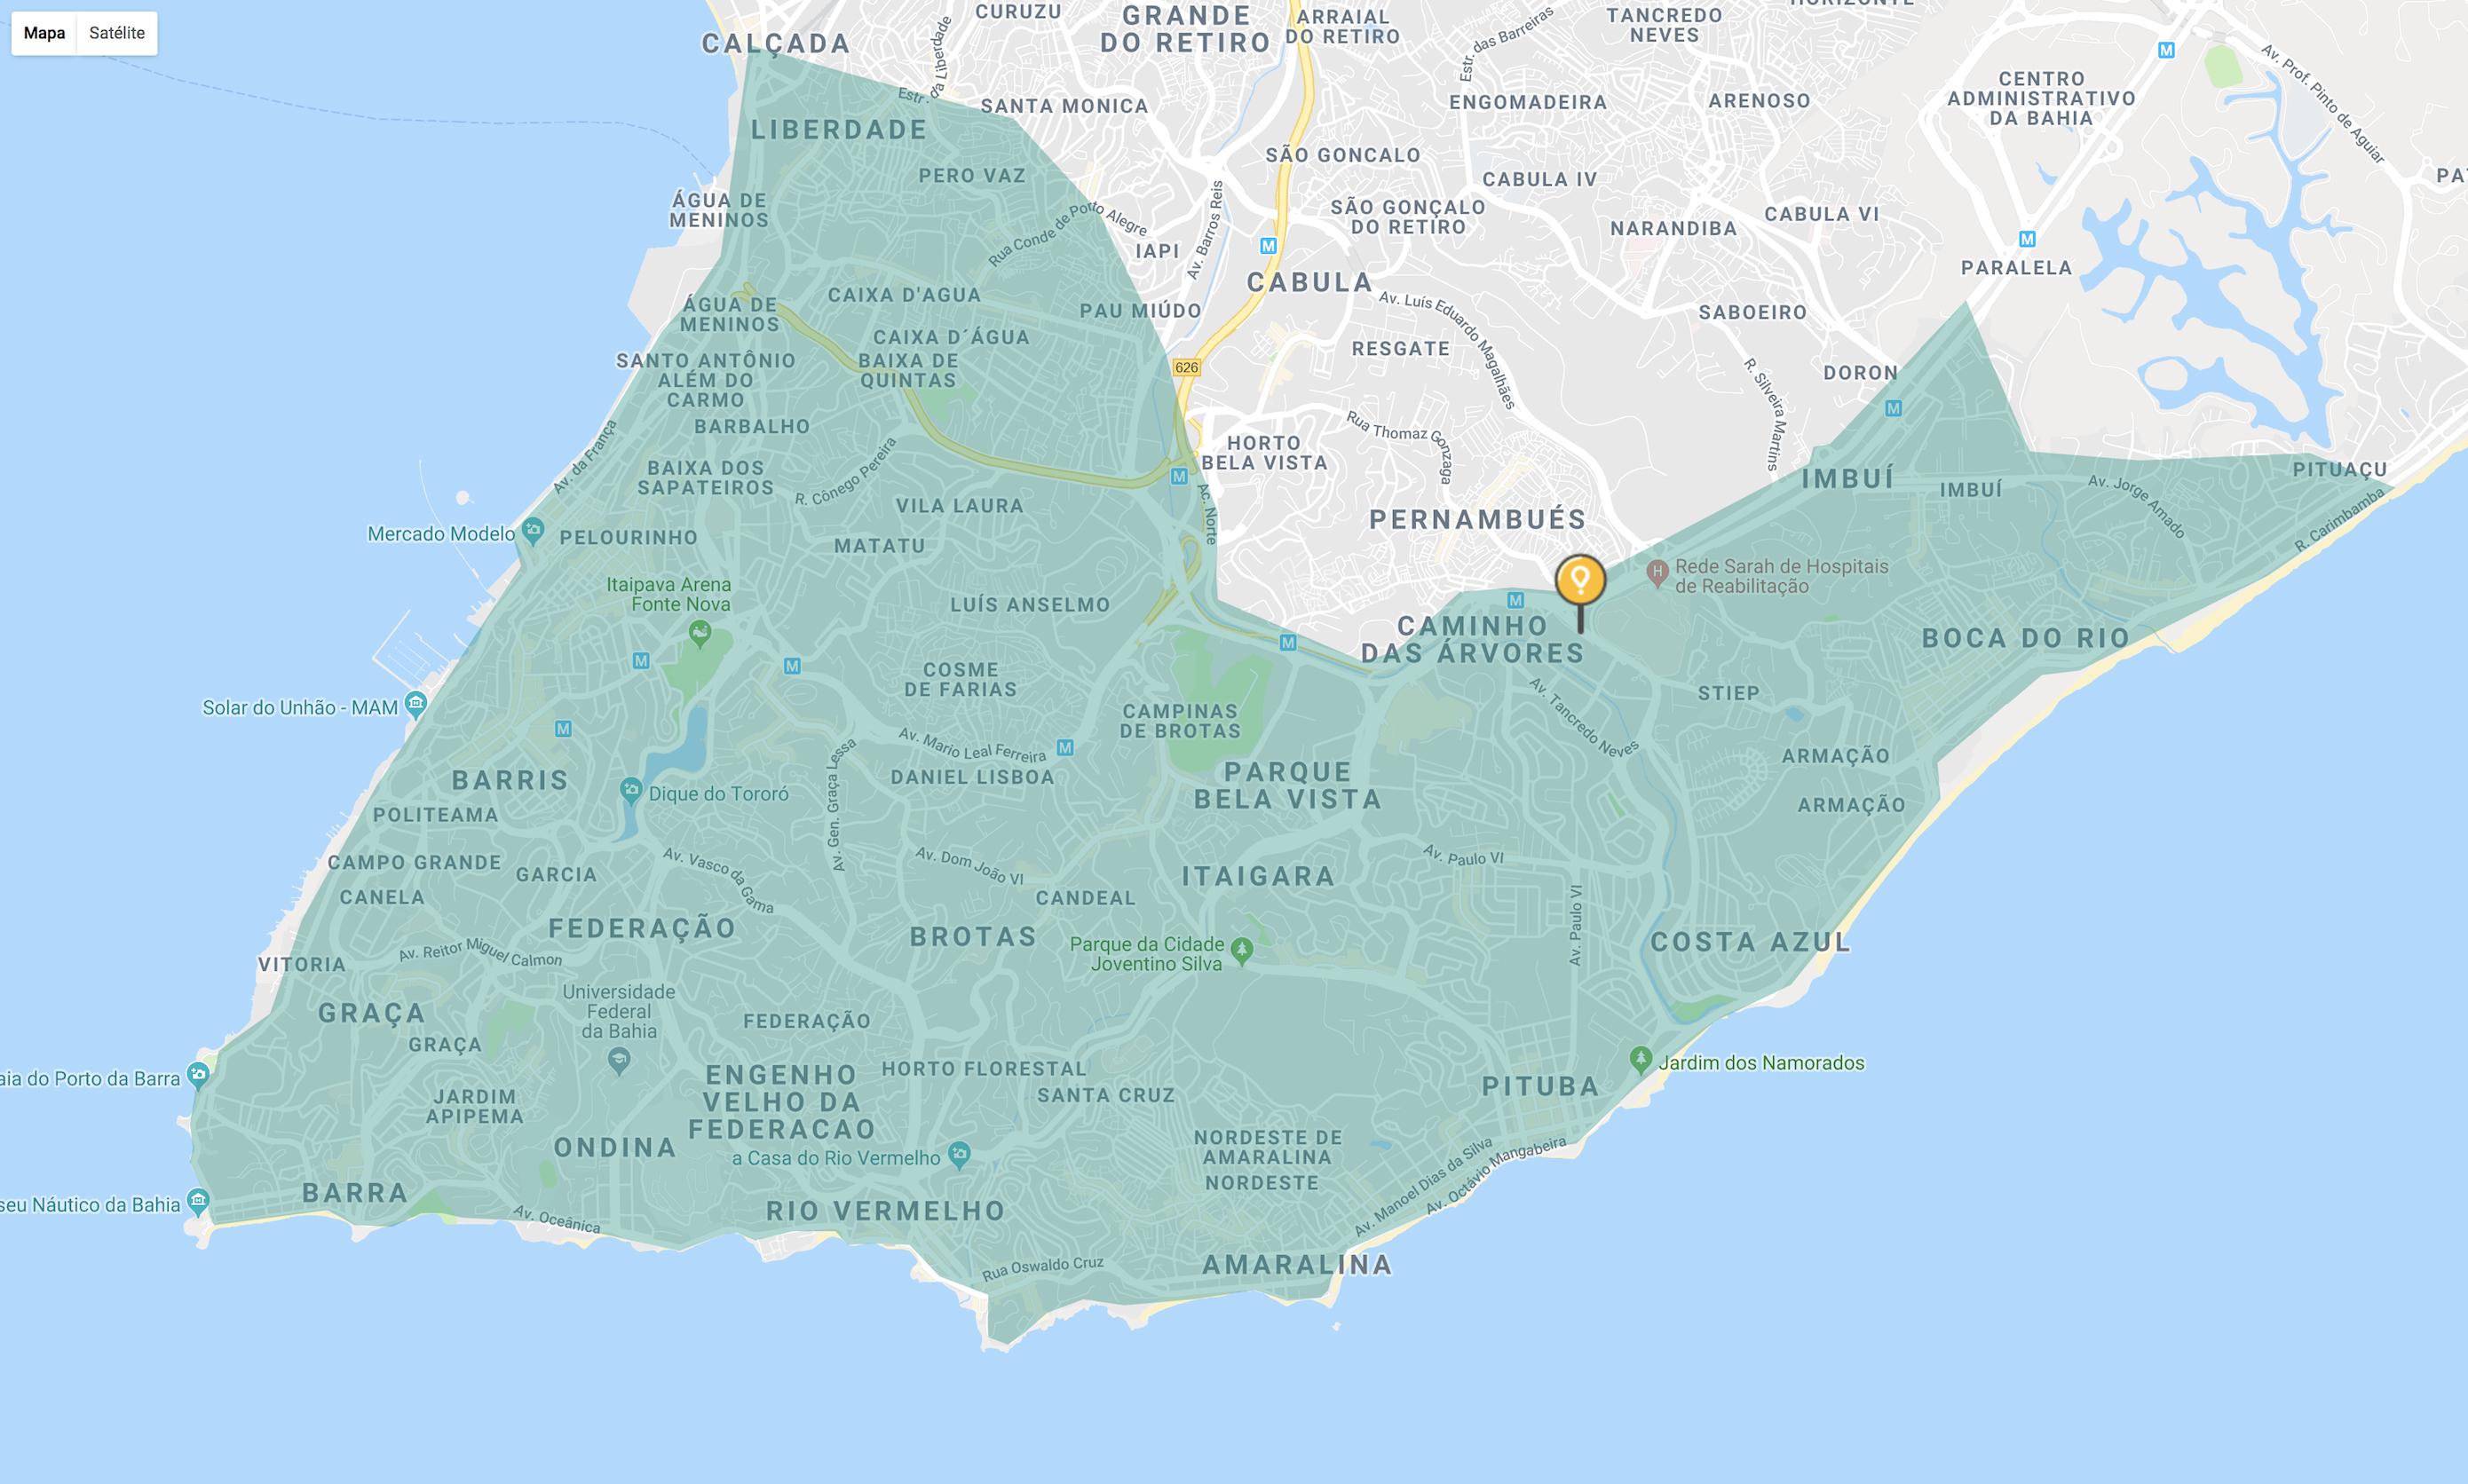 Região de entrega do Glovo em Salvador